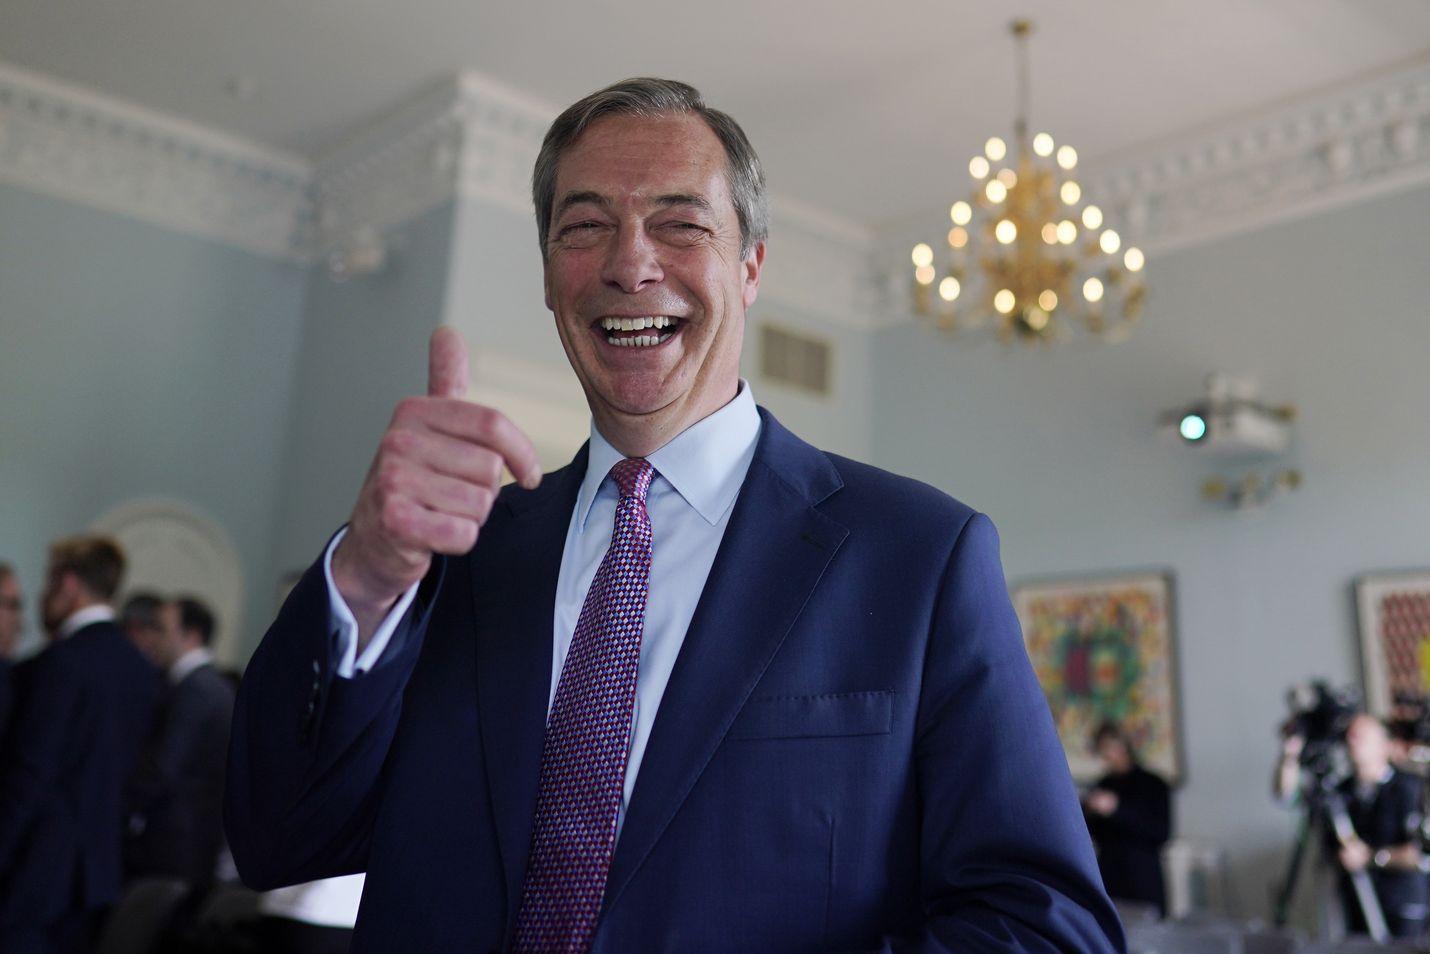 Nigel Farage ei ole istunut koskaan Britannian parlamentissa, mutta EU-parlamentin jäsen hän on vuodesta 1999. Farage on tammikuussa perustetun Brexit-puolueen puheenjohtaja.